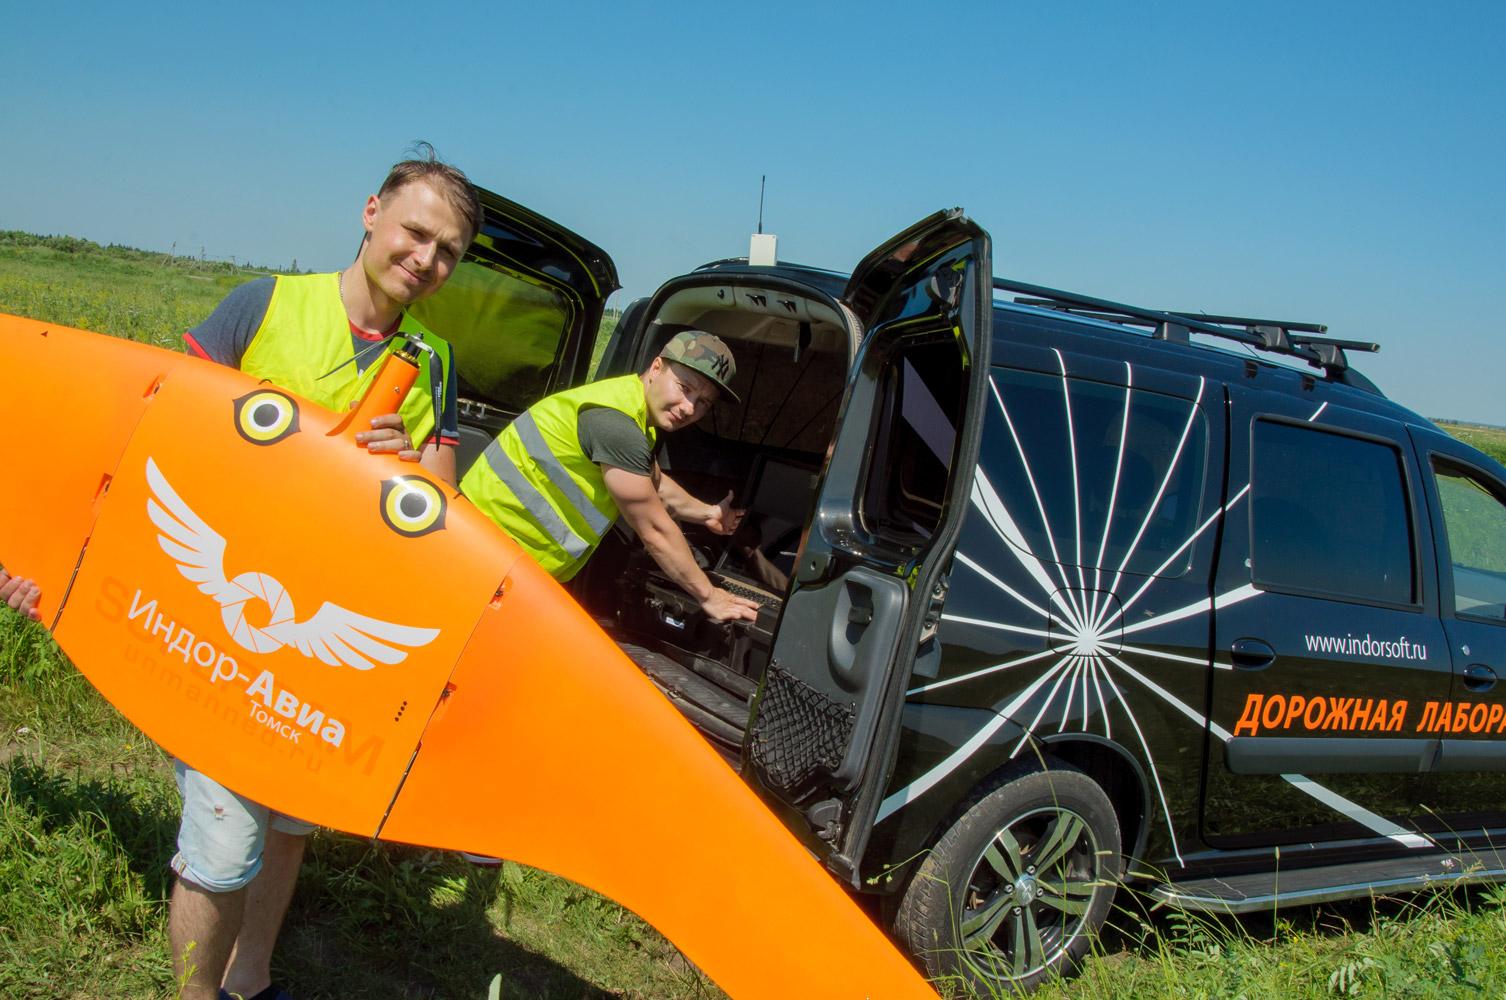 Внешние пилоты компании «ИндорСофт» на полевых работах по сбору данных